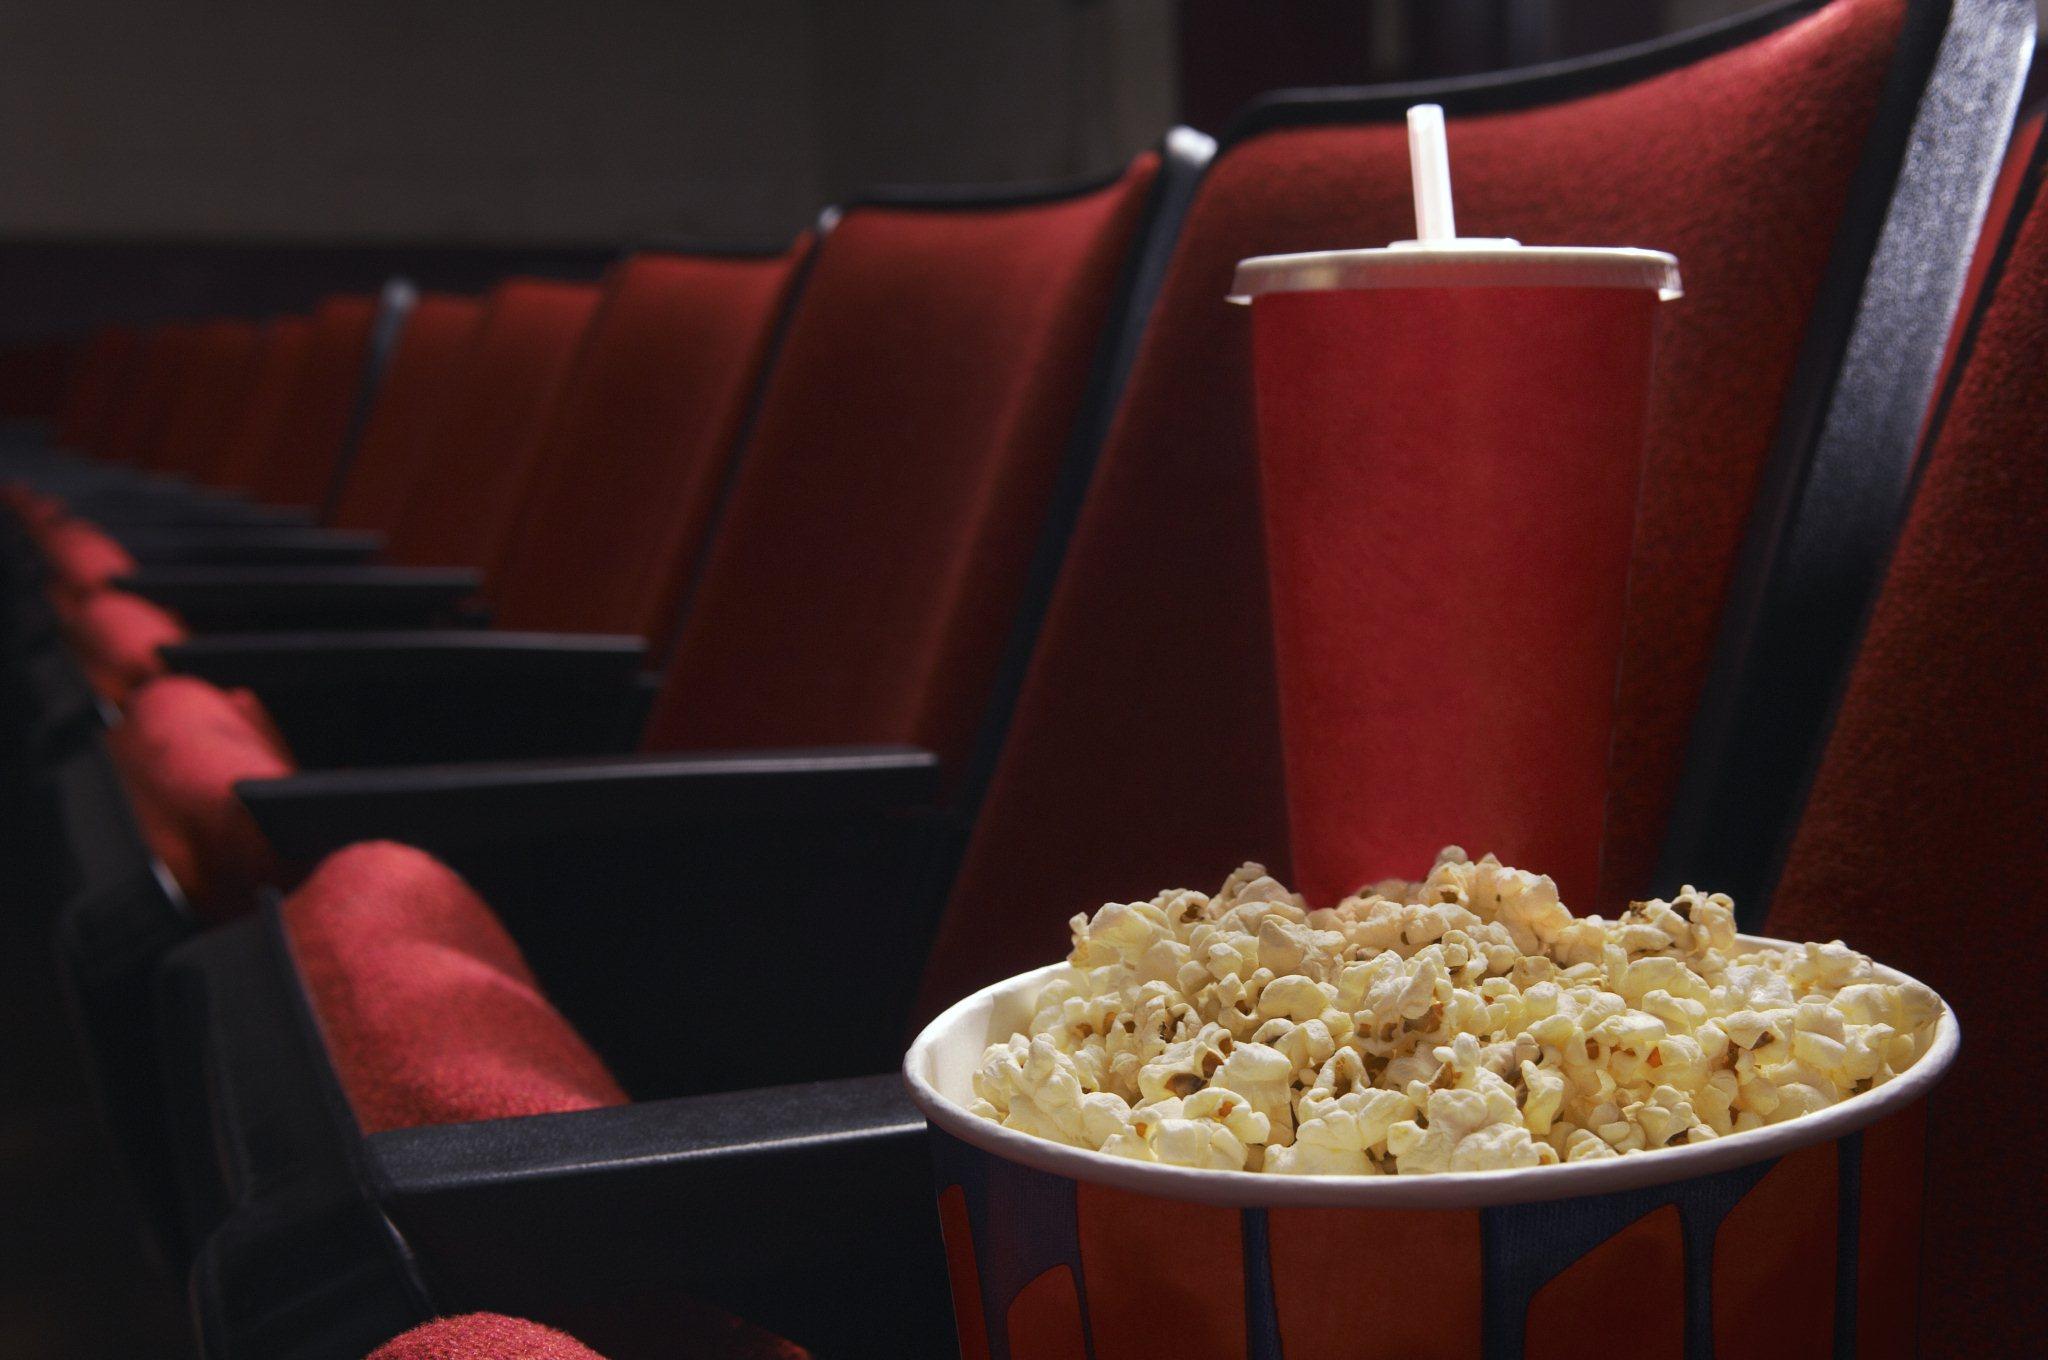 Картинки с попкорном и кинотеатром, прикольные телефон для